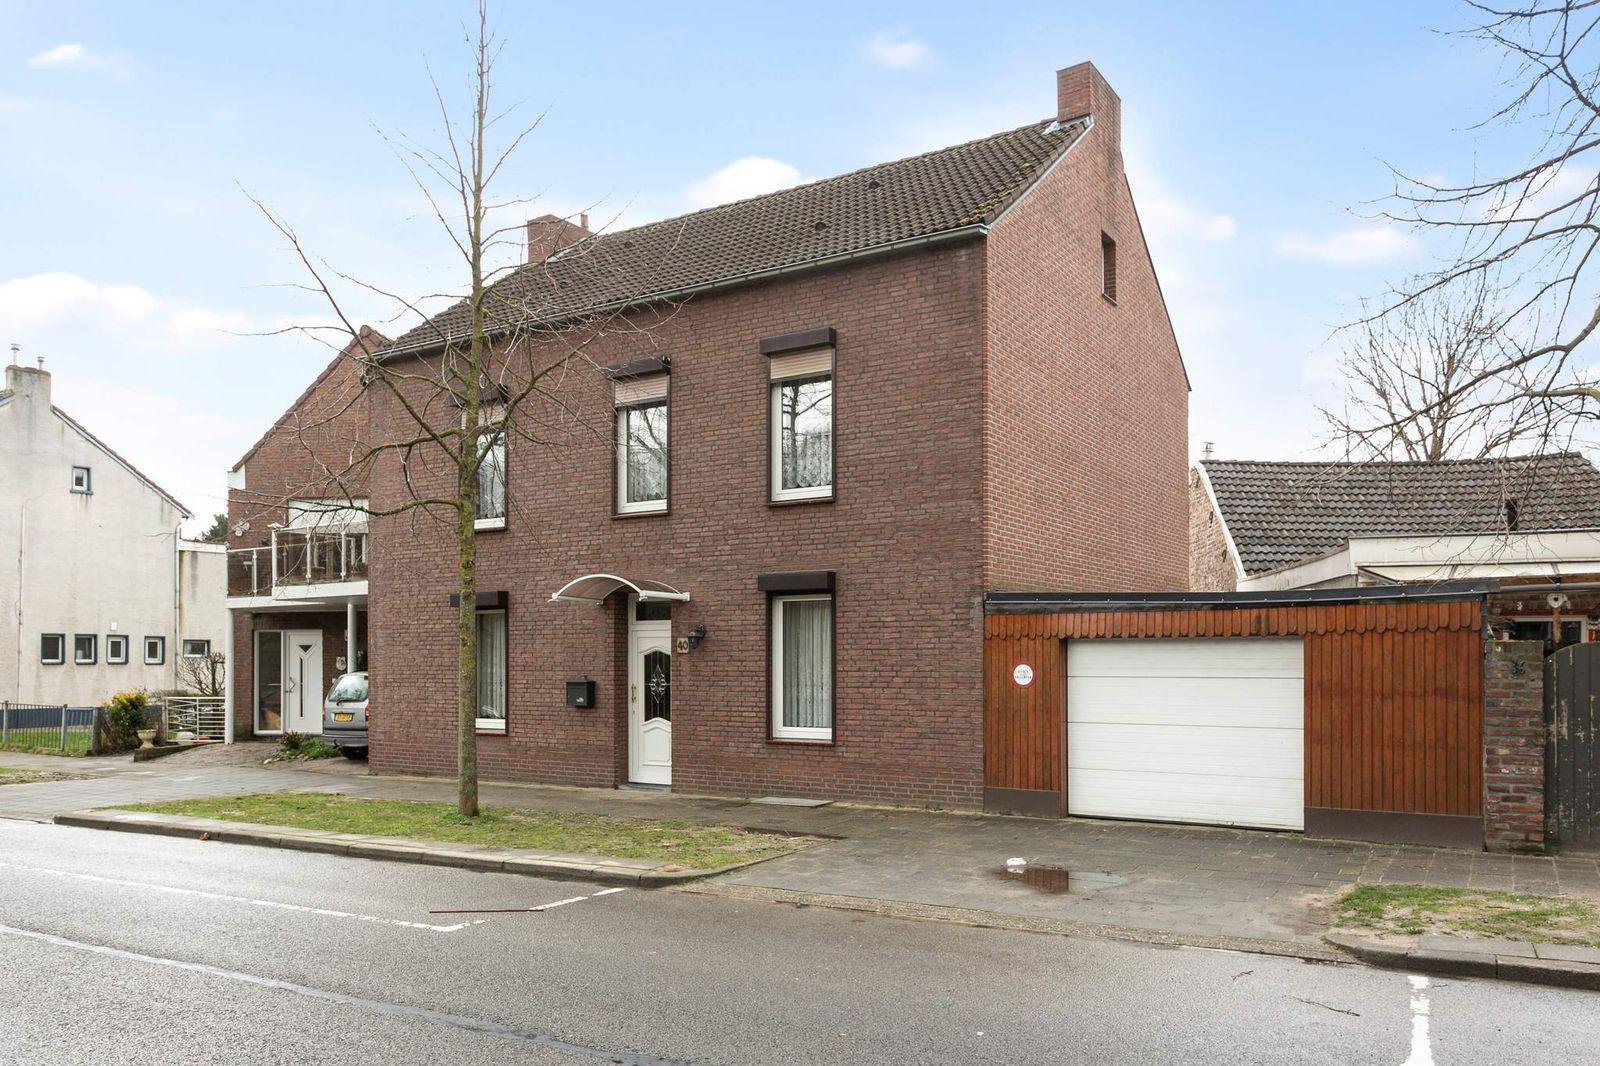 Hammolenweg 40, Kerkrade